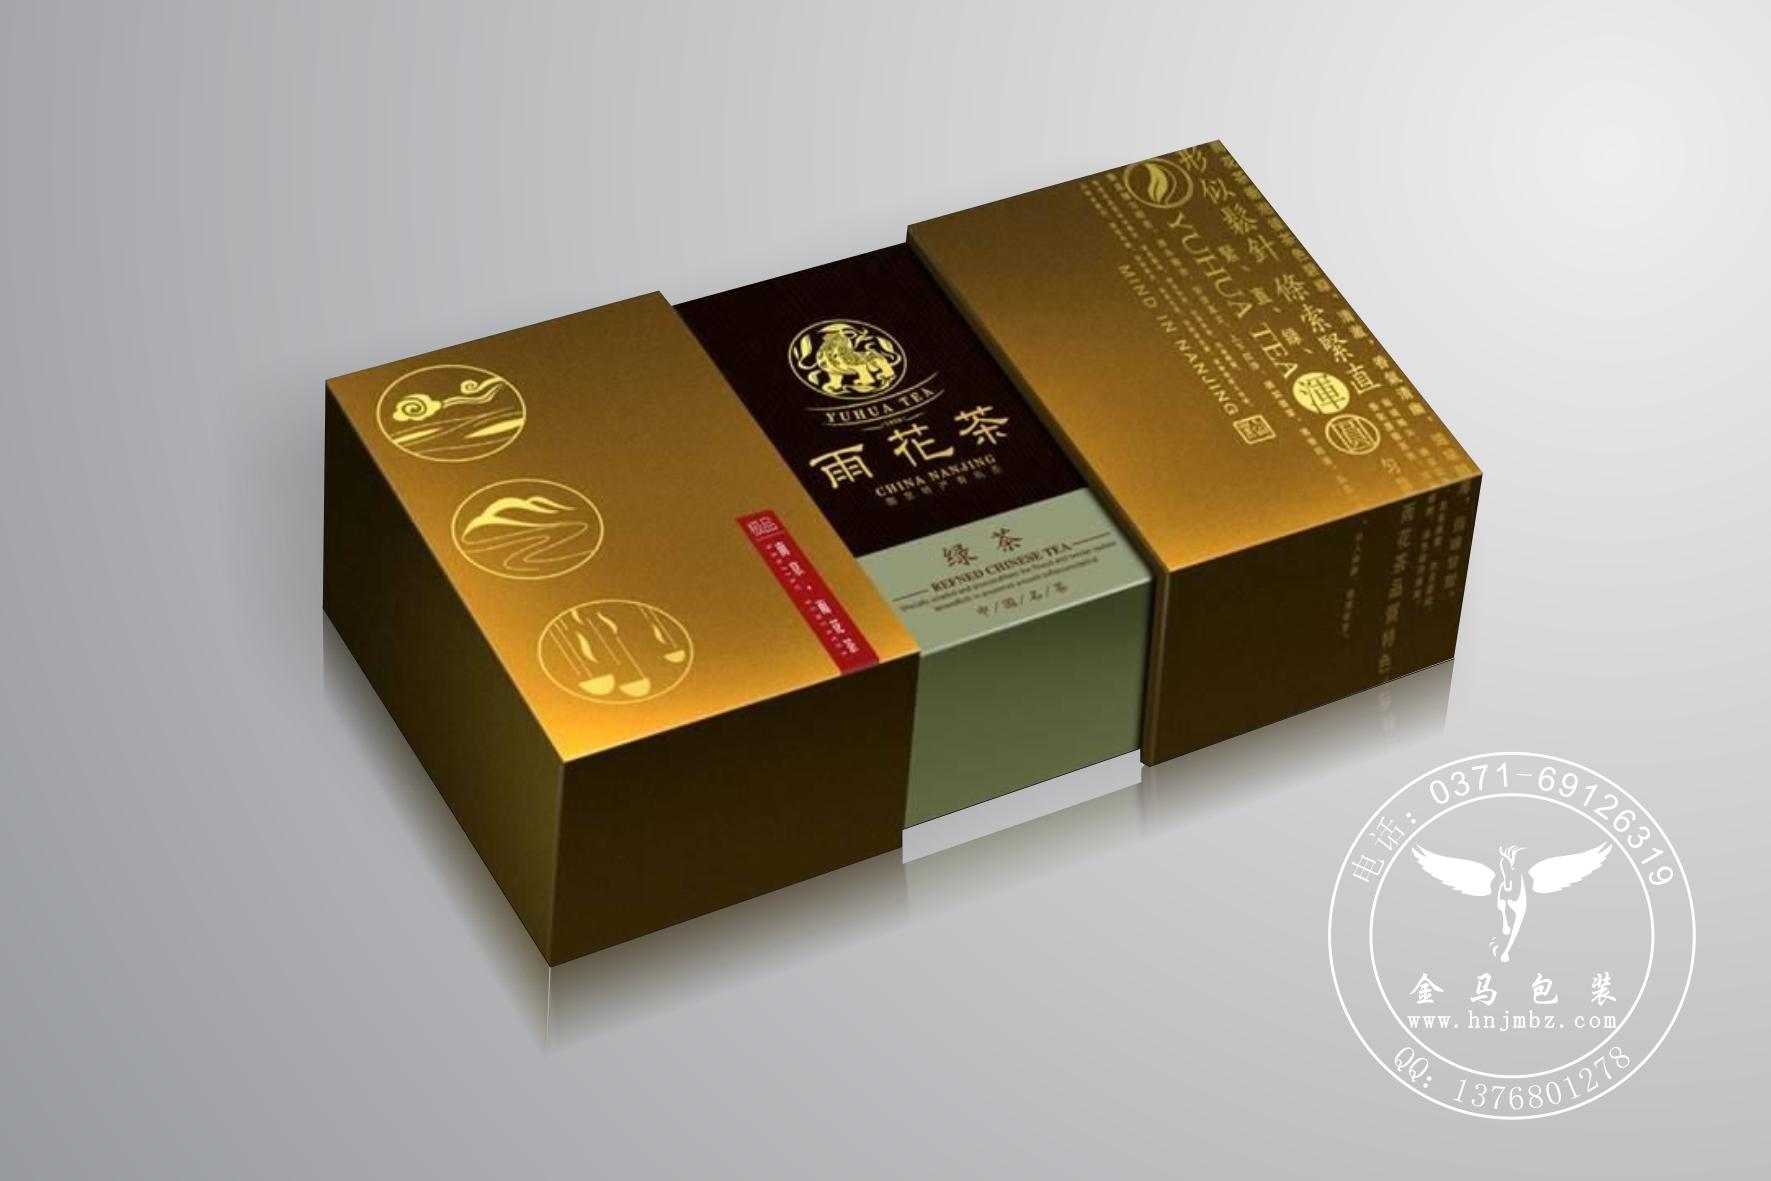 绿茶雨*花茶精品茶叶盒,两天扣盖,郑州精品盒包装厂